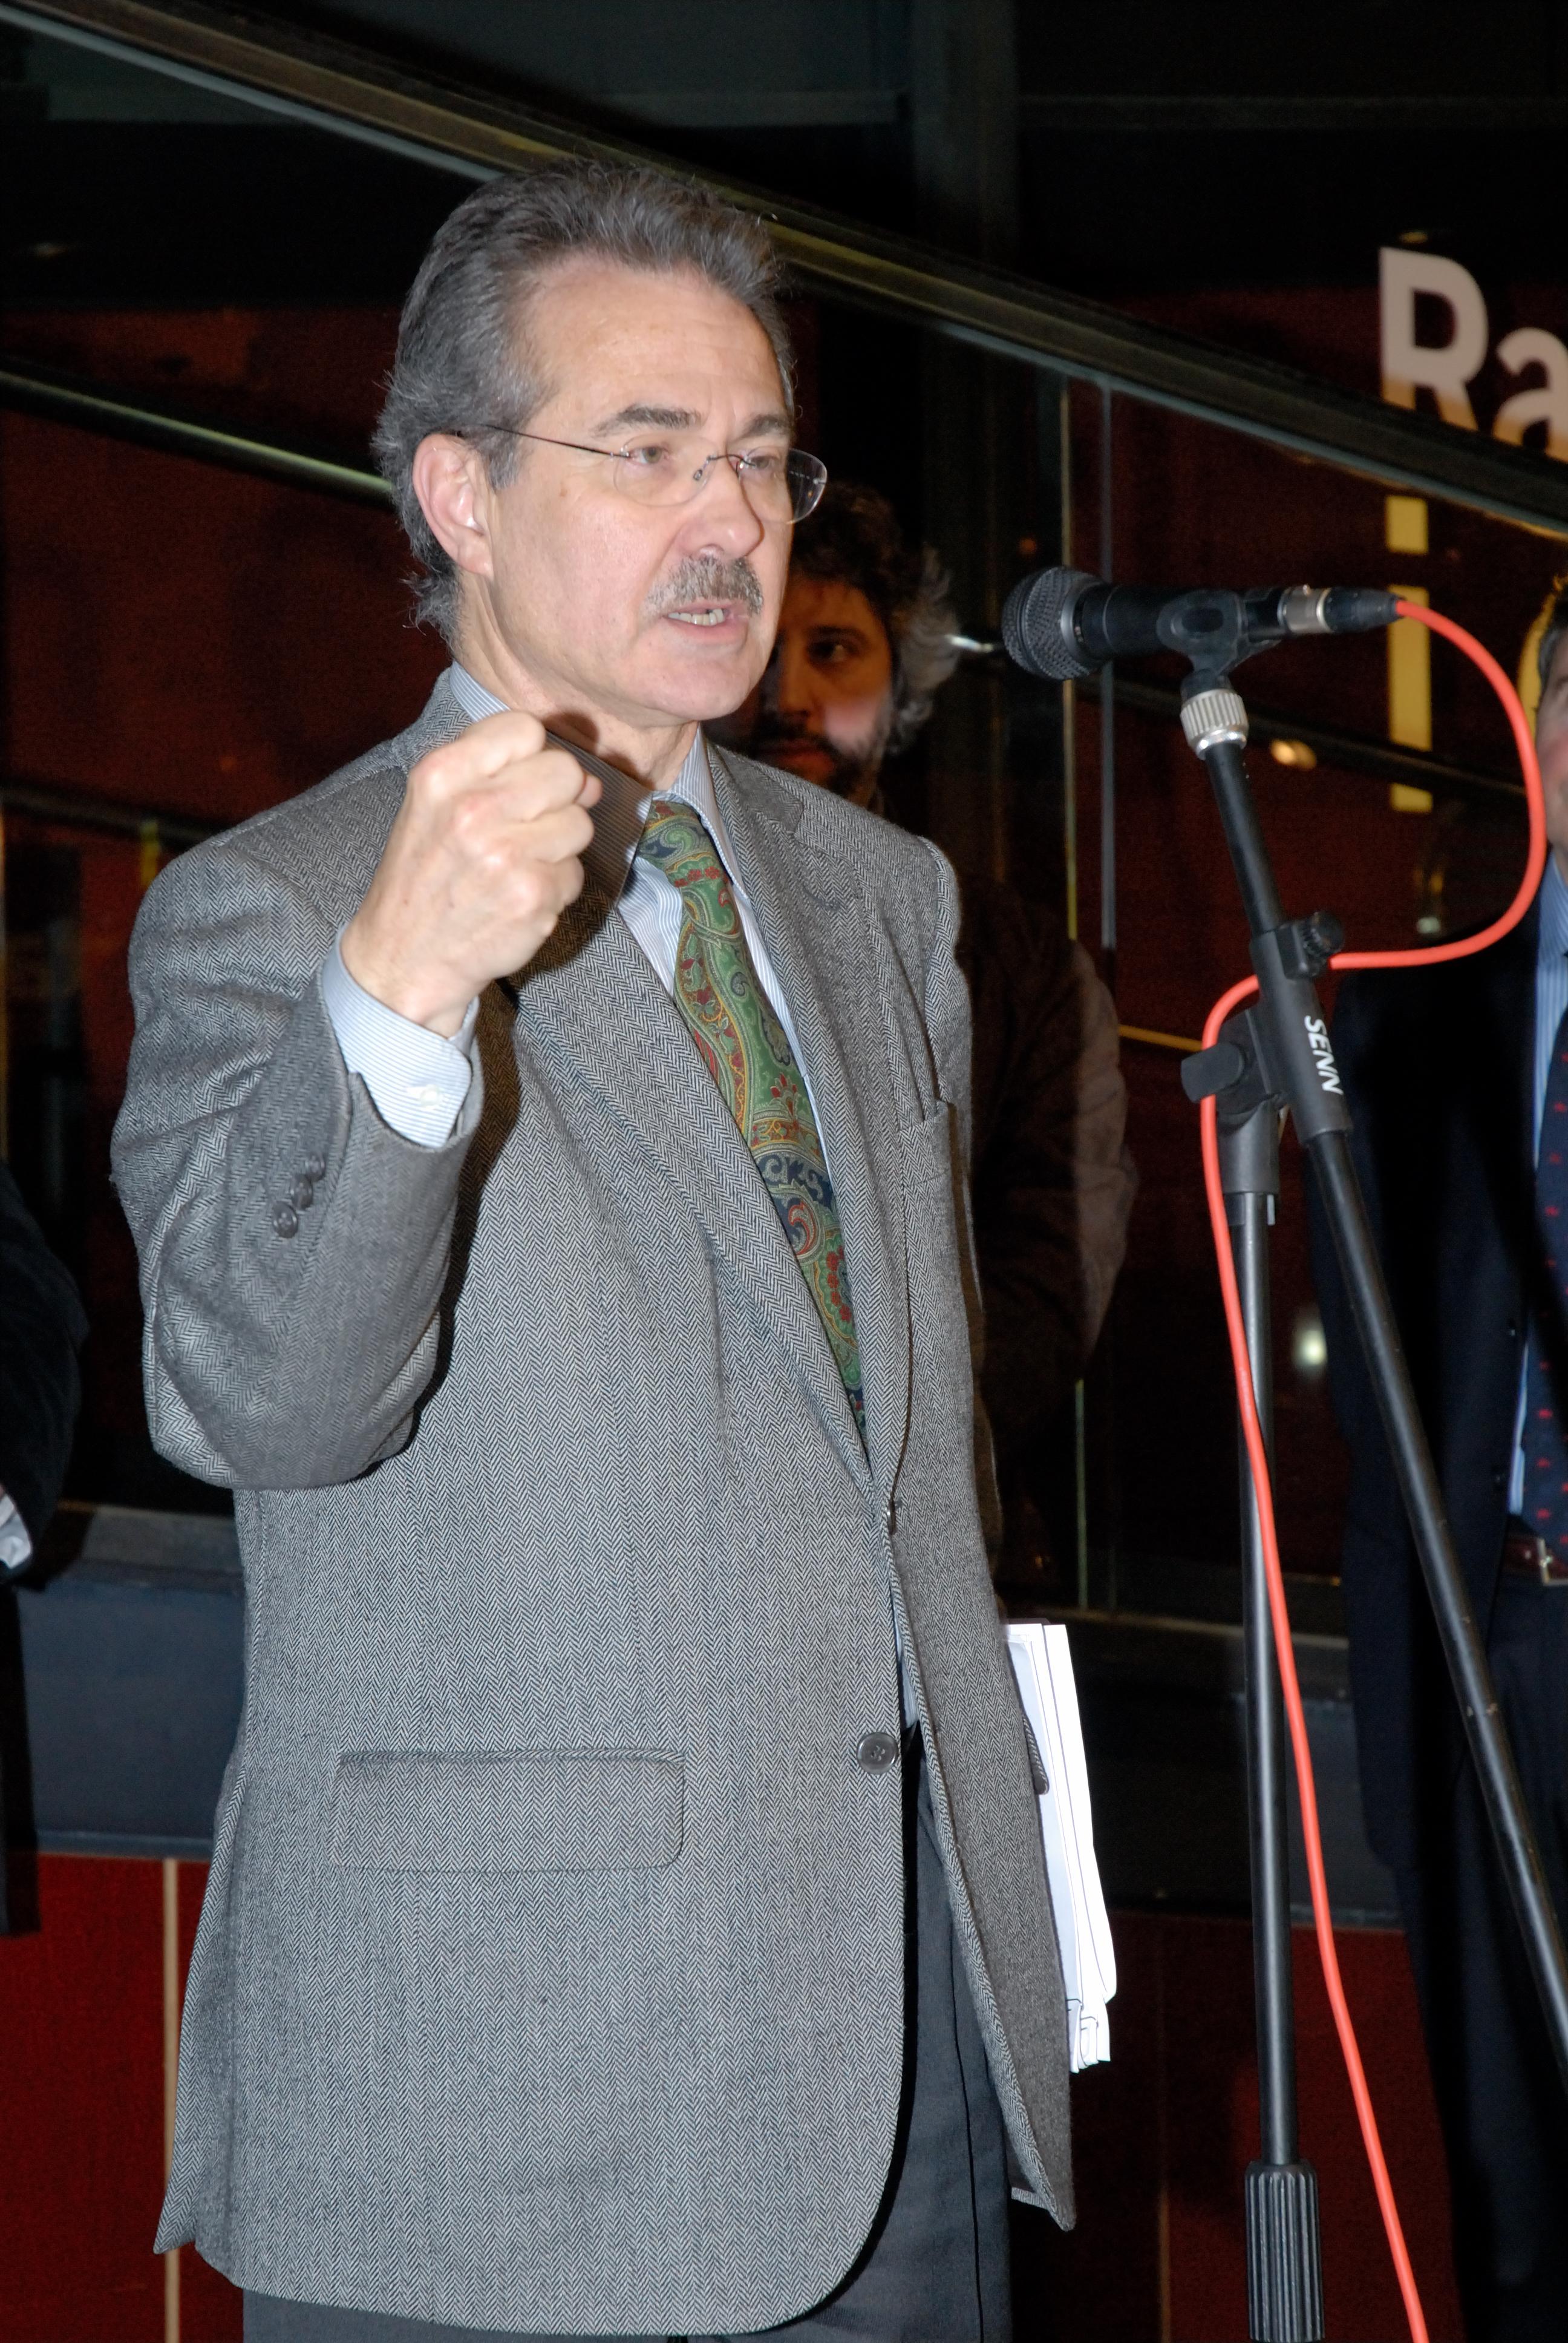 Daniel Giralt-Miracle (Foto: Wikipedia, consulta 19 de desembre de 2016)